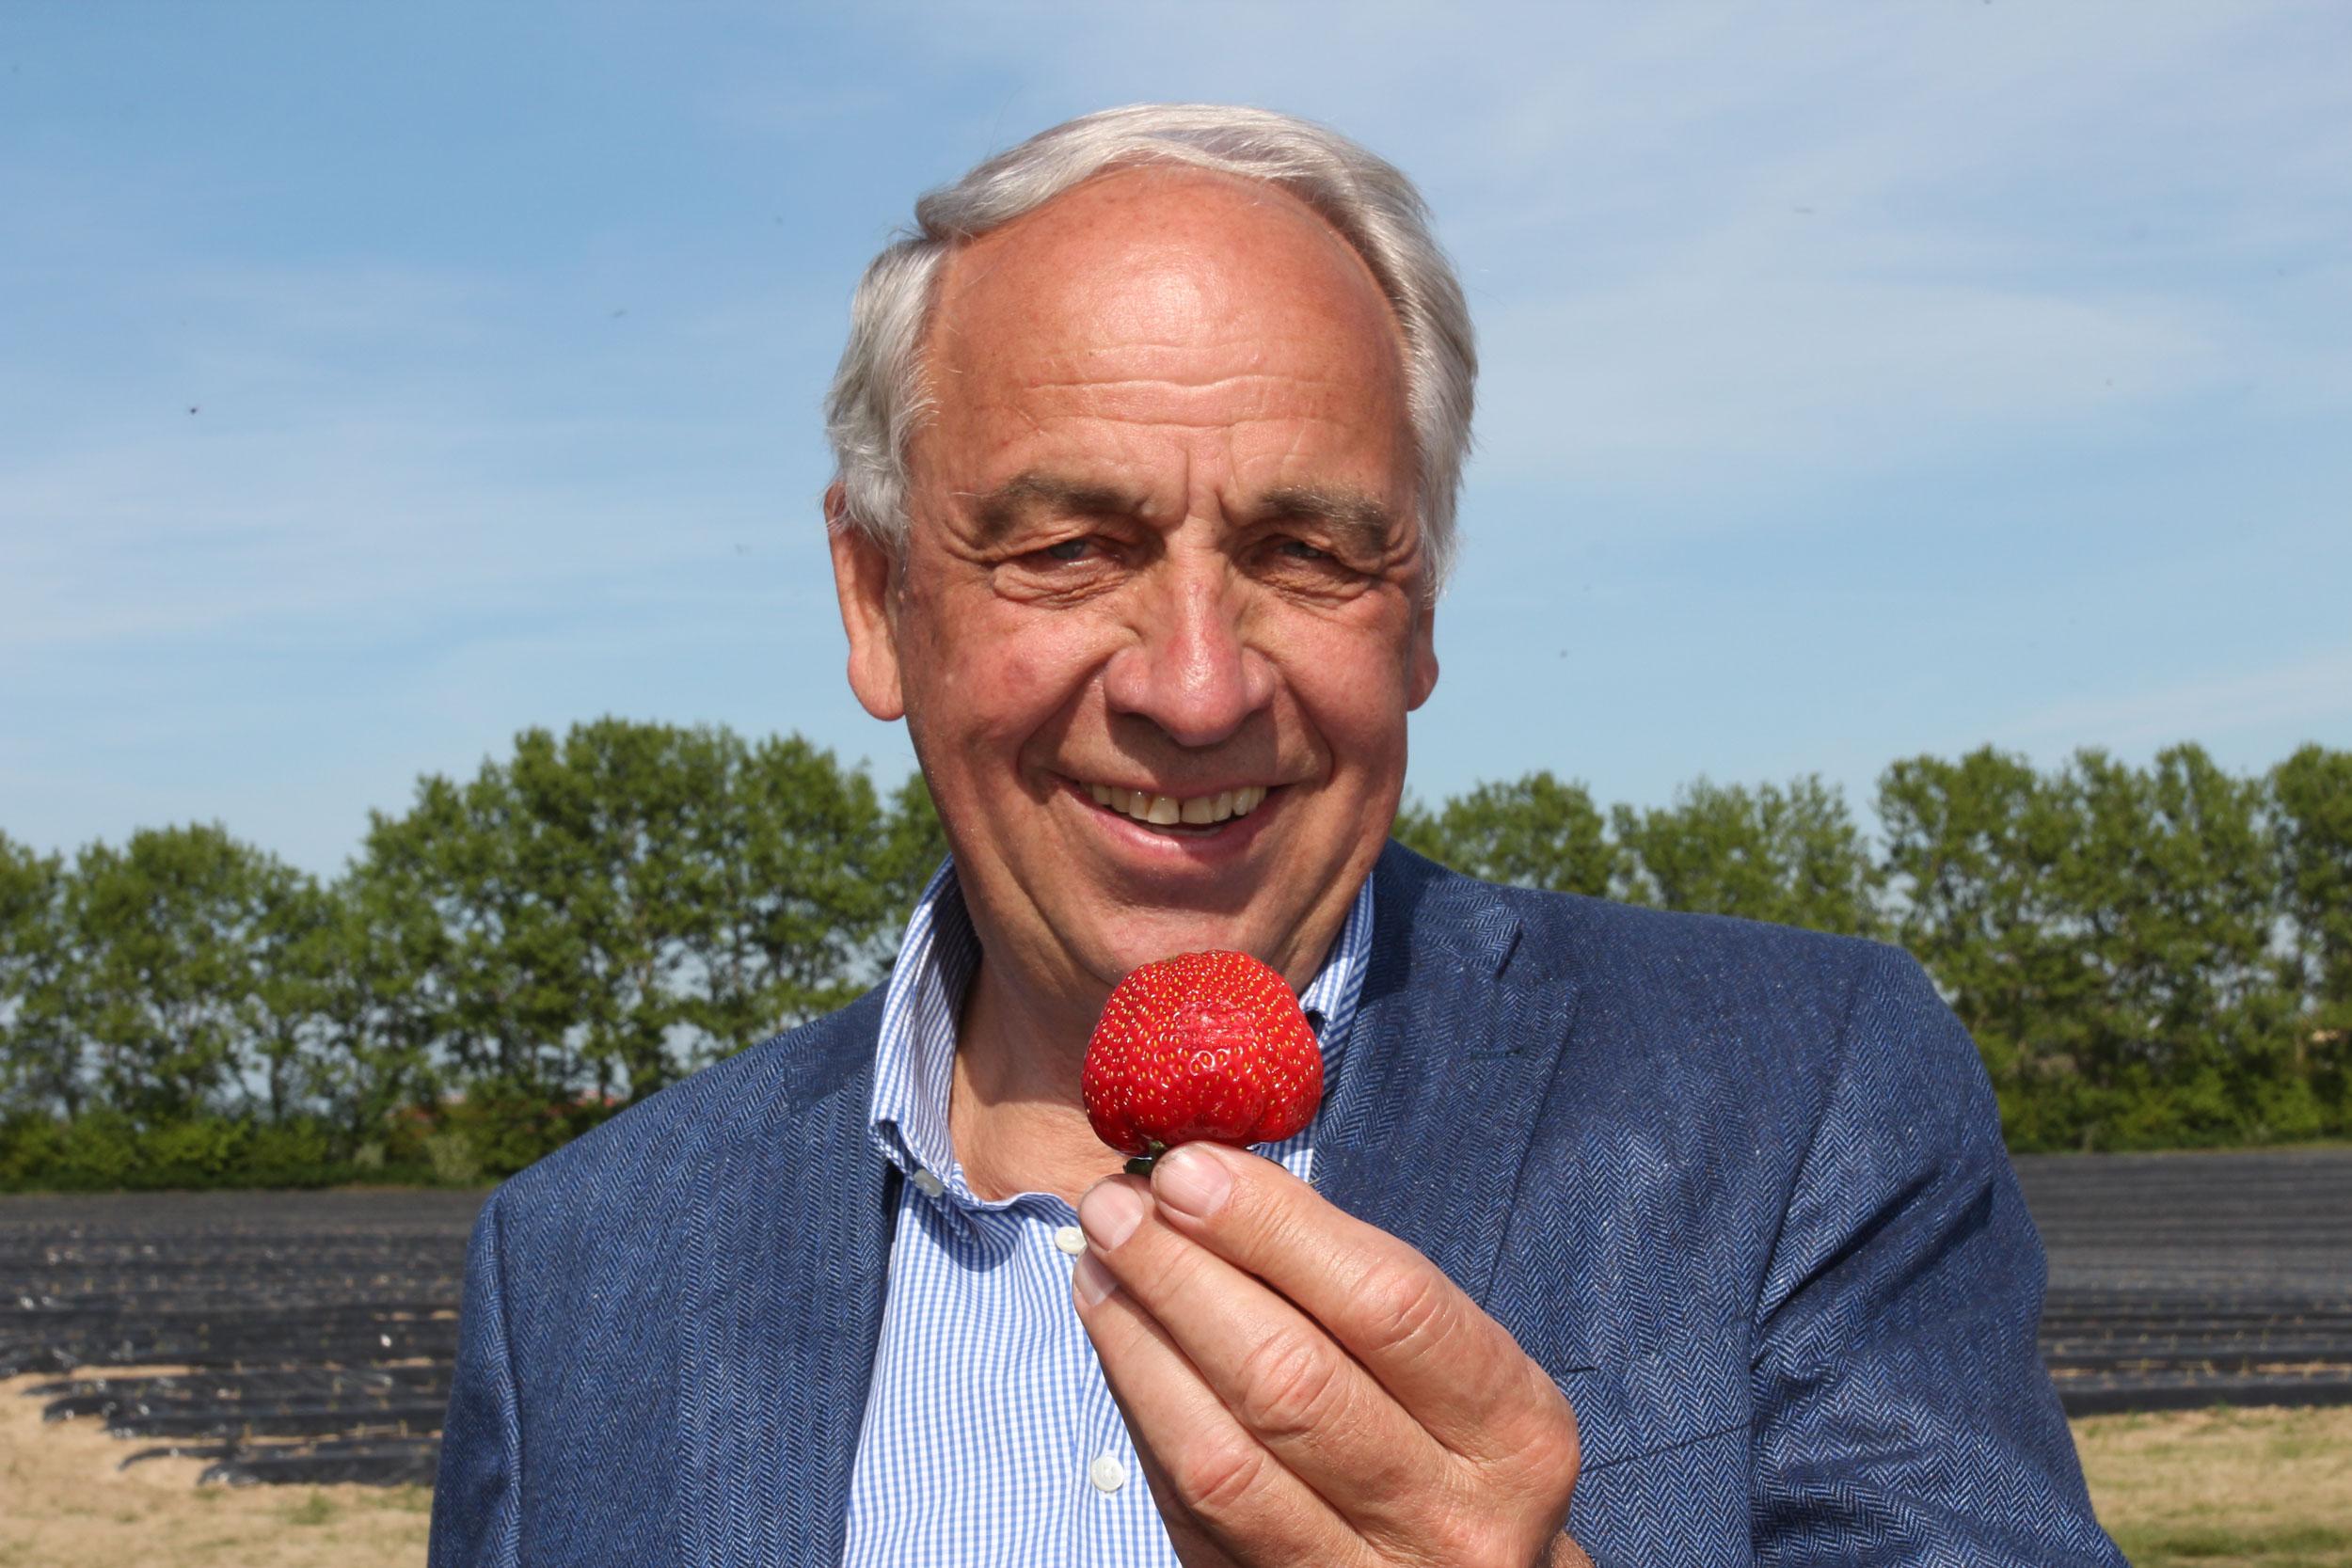 Glantz Erdbeeren EDEKA Woytke in Hamburg